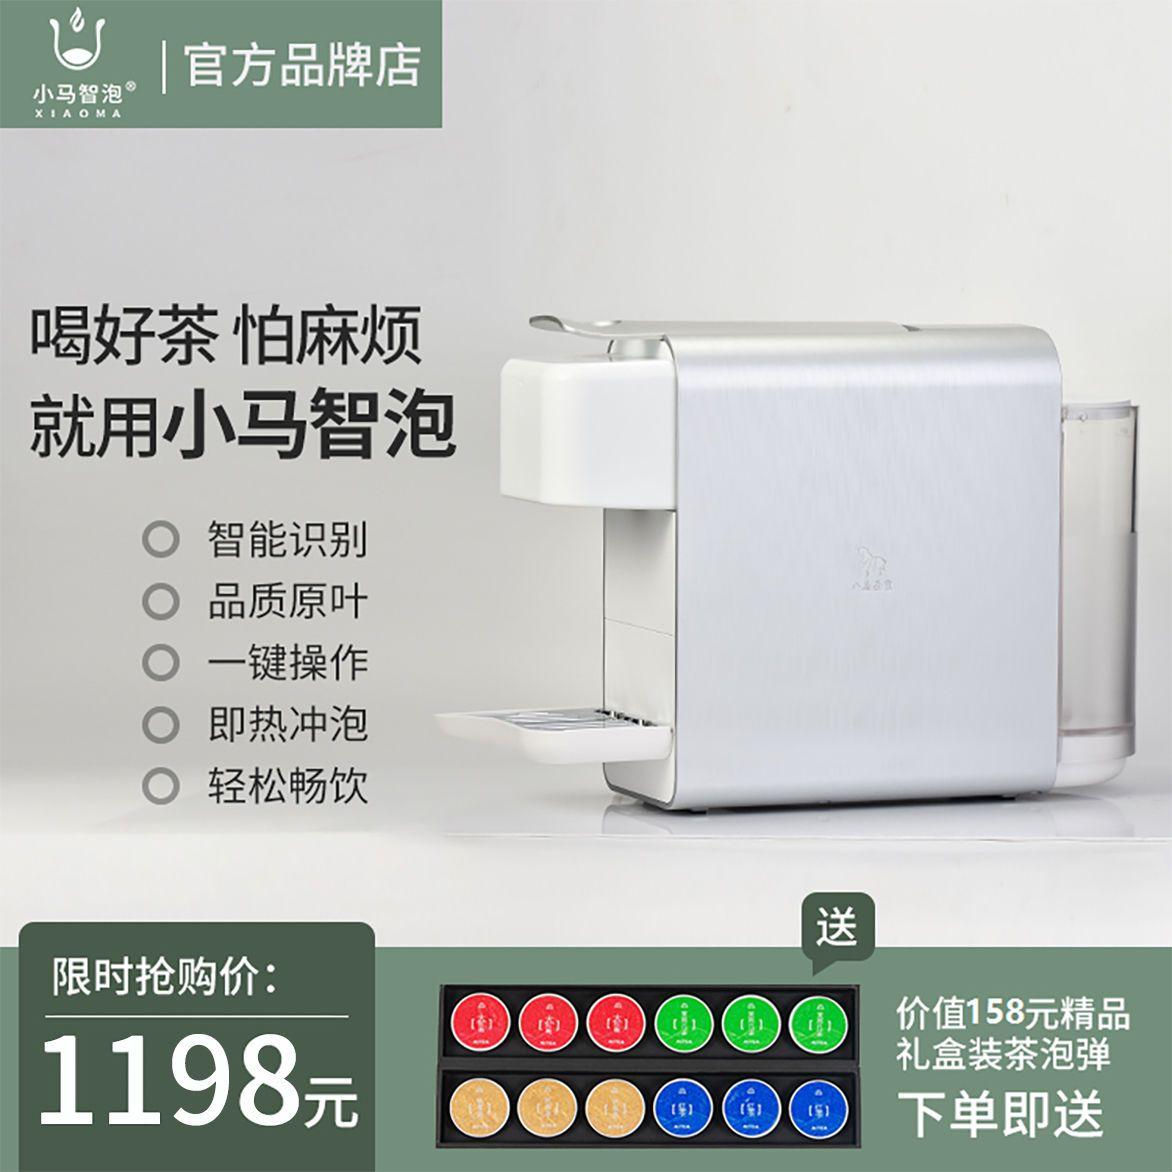 小马智泡桌面迷你即热饮水机家用全自动智能办公混装泡弹茶饮机